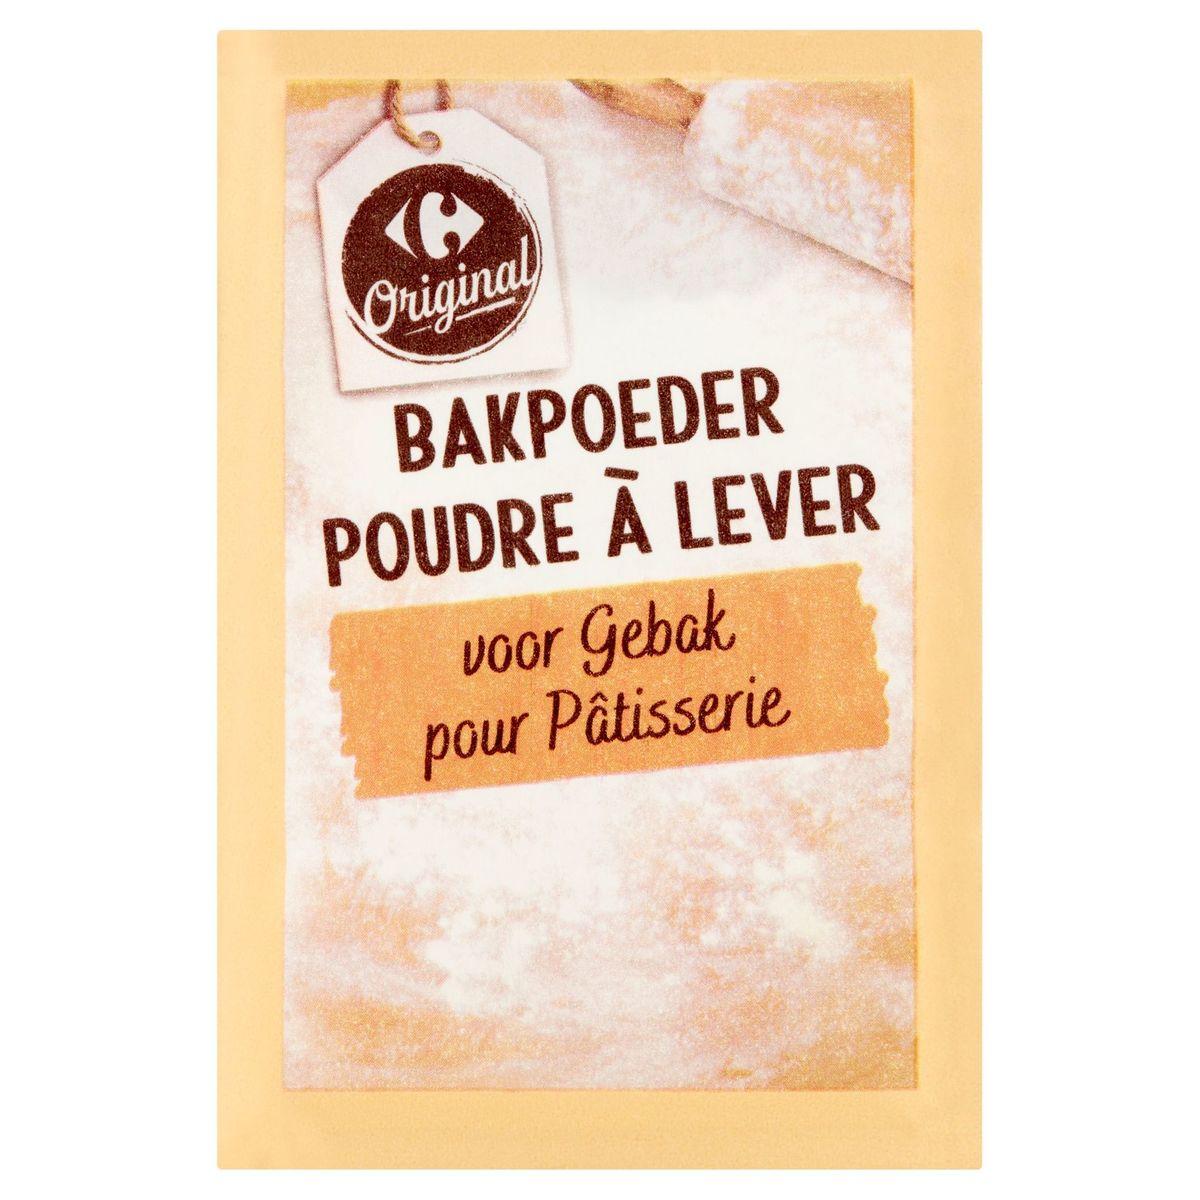 Carrefour Original Bakpoeder 6 x 15 g